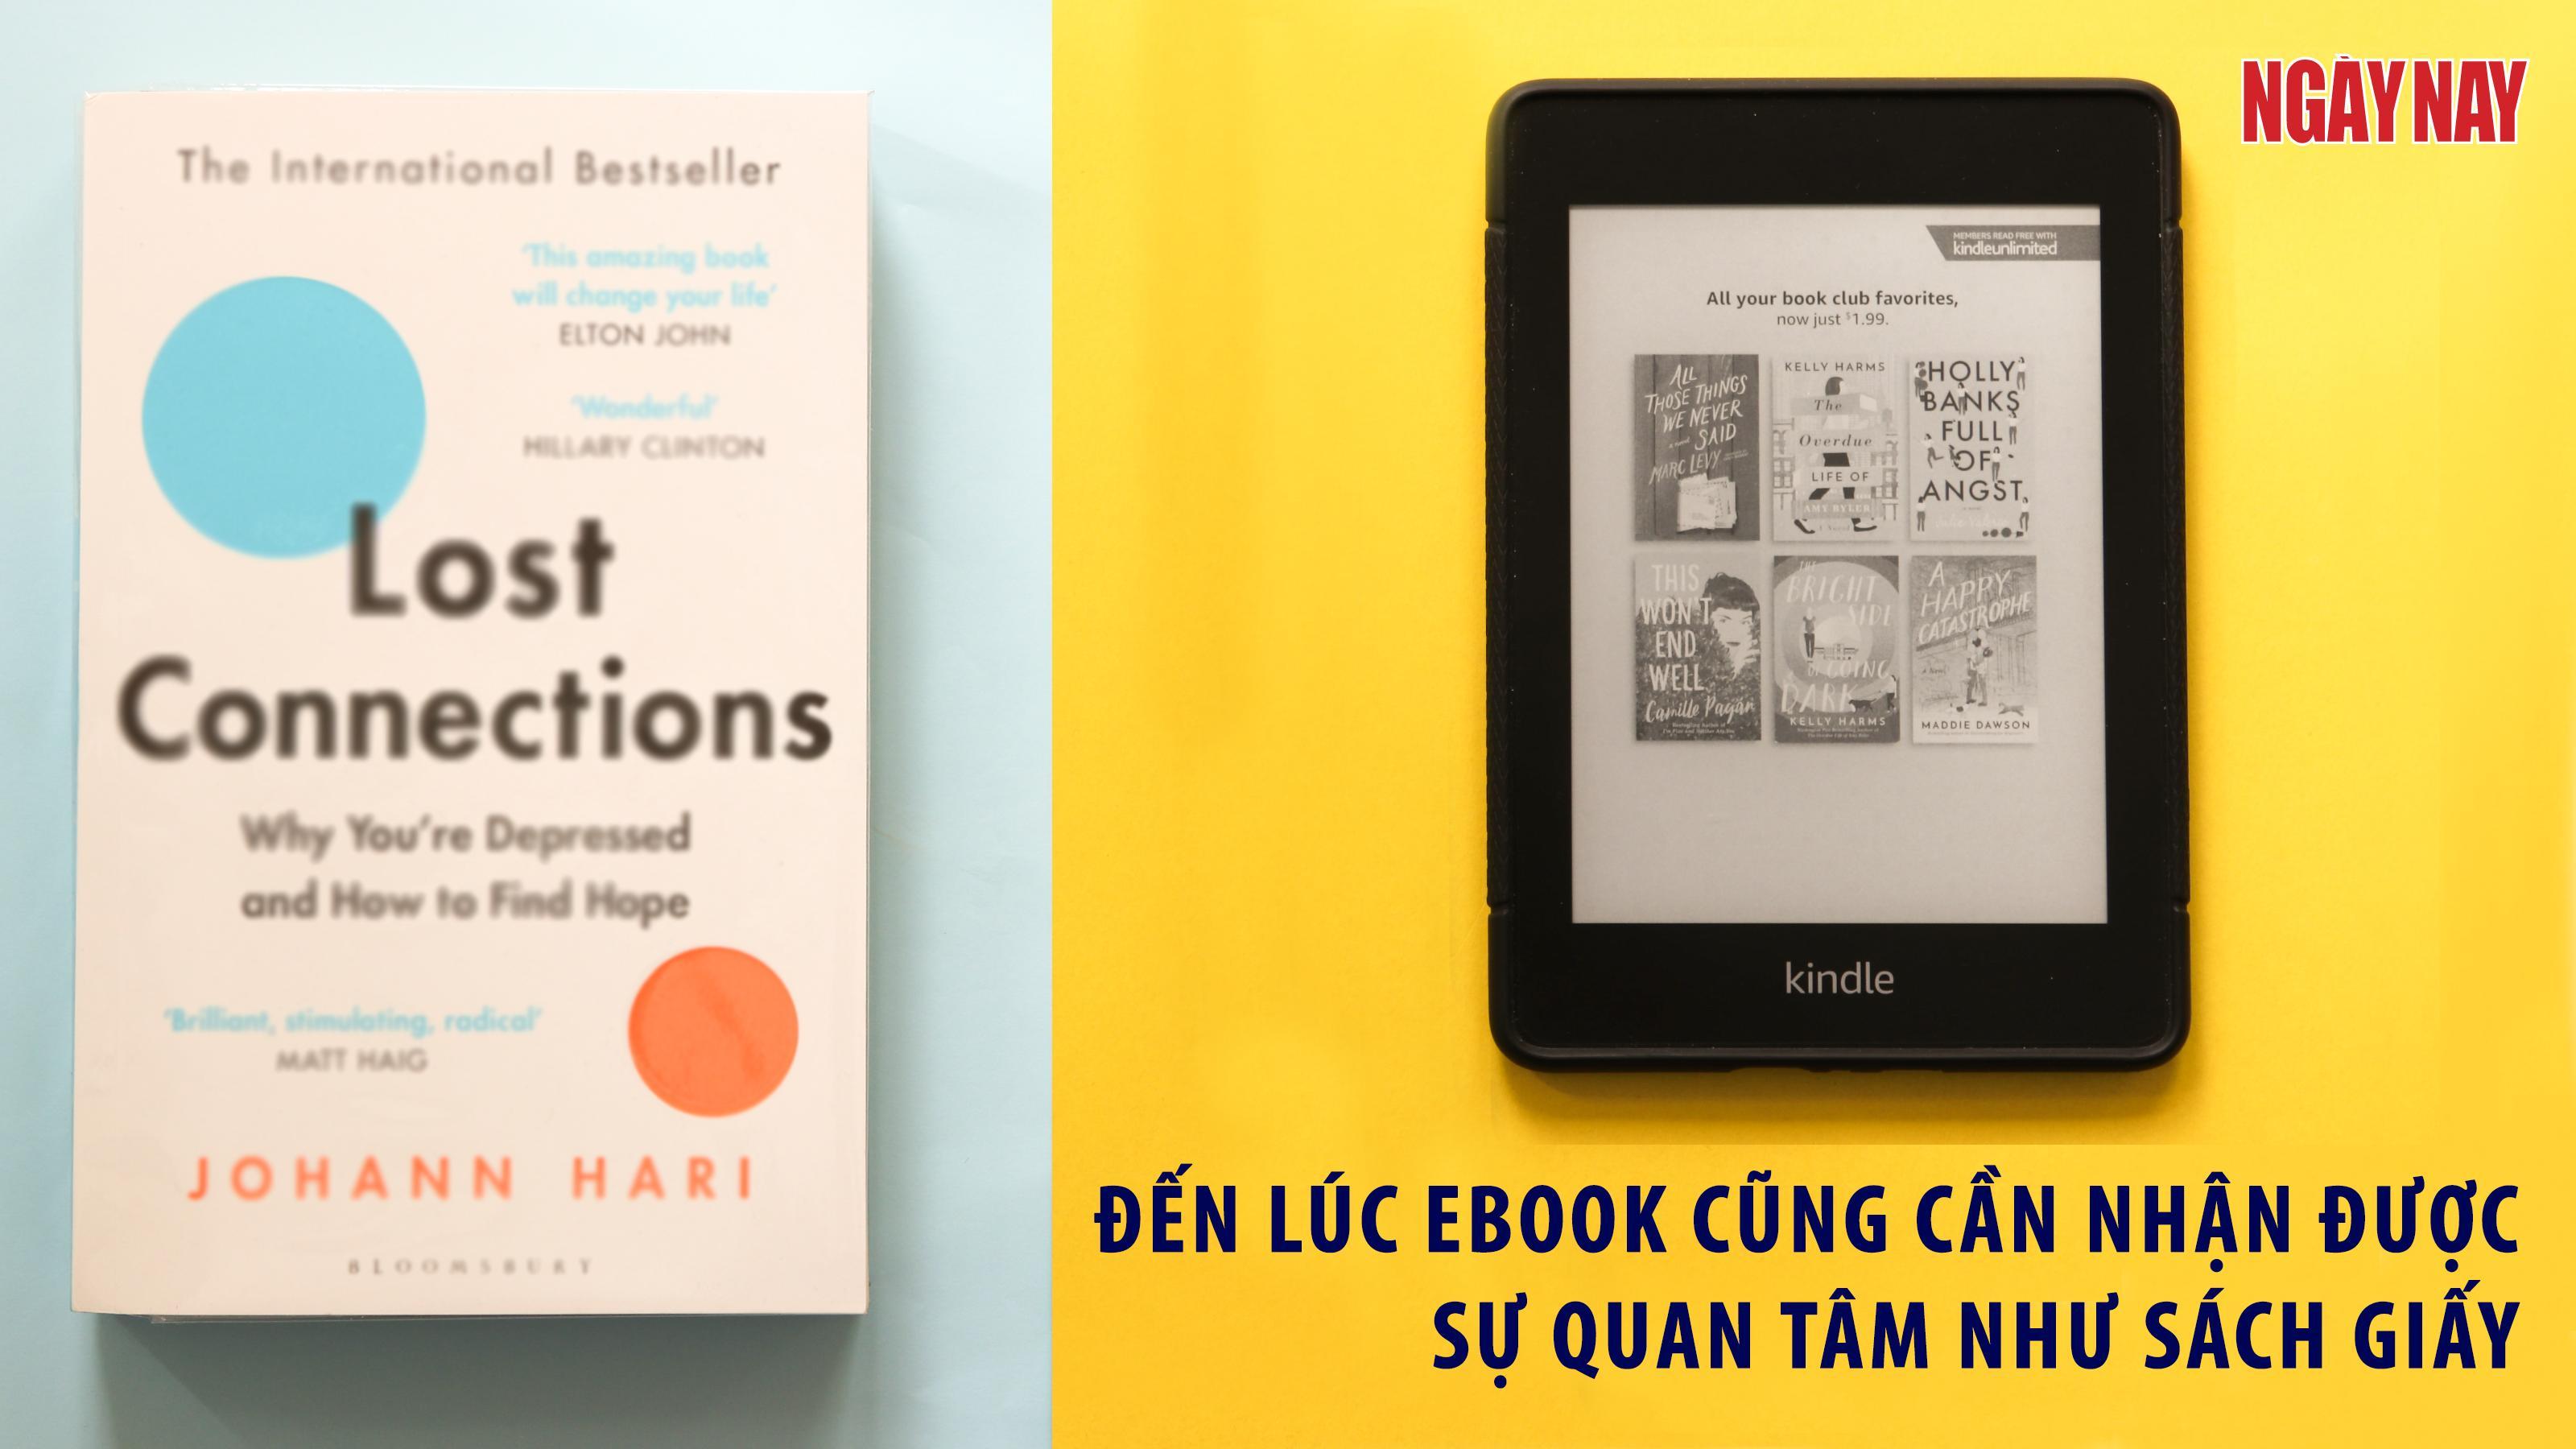 Sách điện tử eBook - tương lai trong bàn tay